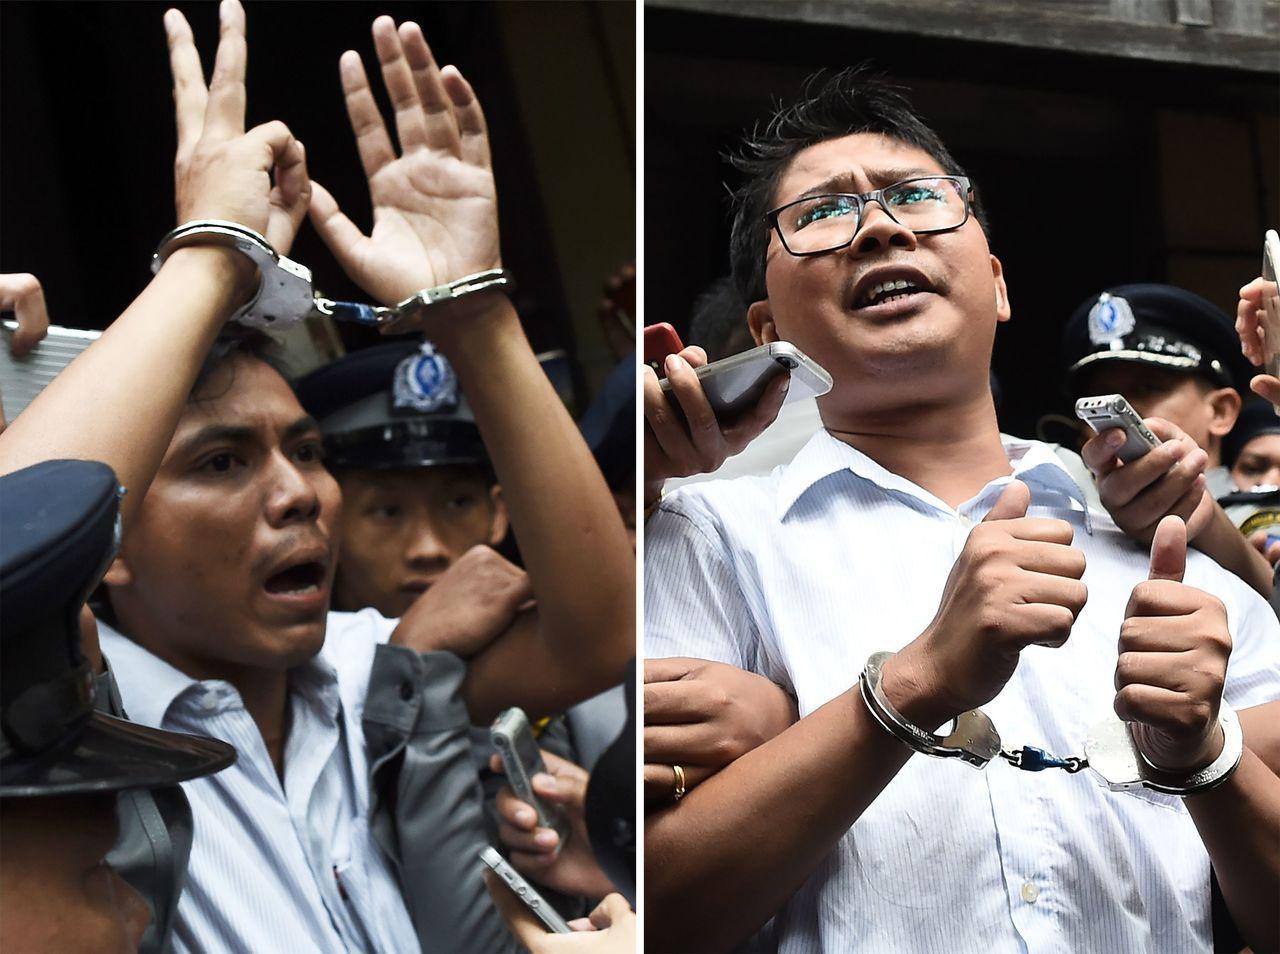 路透社記者瓦隆(Wa Lone,圖右)和喬索歐(Kyaw Soe Oo,圖左)因...